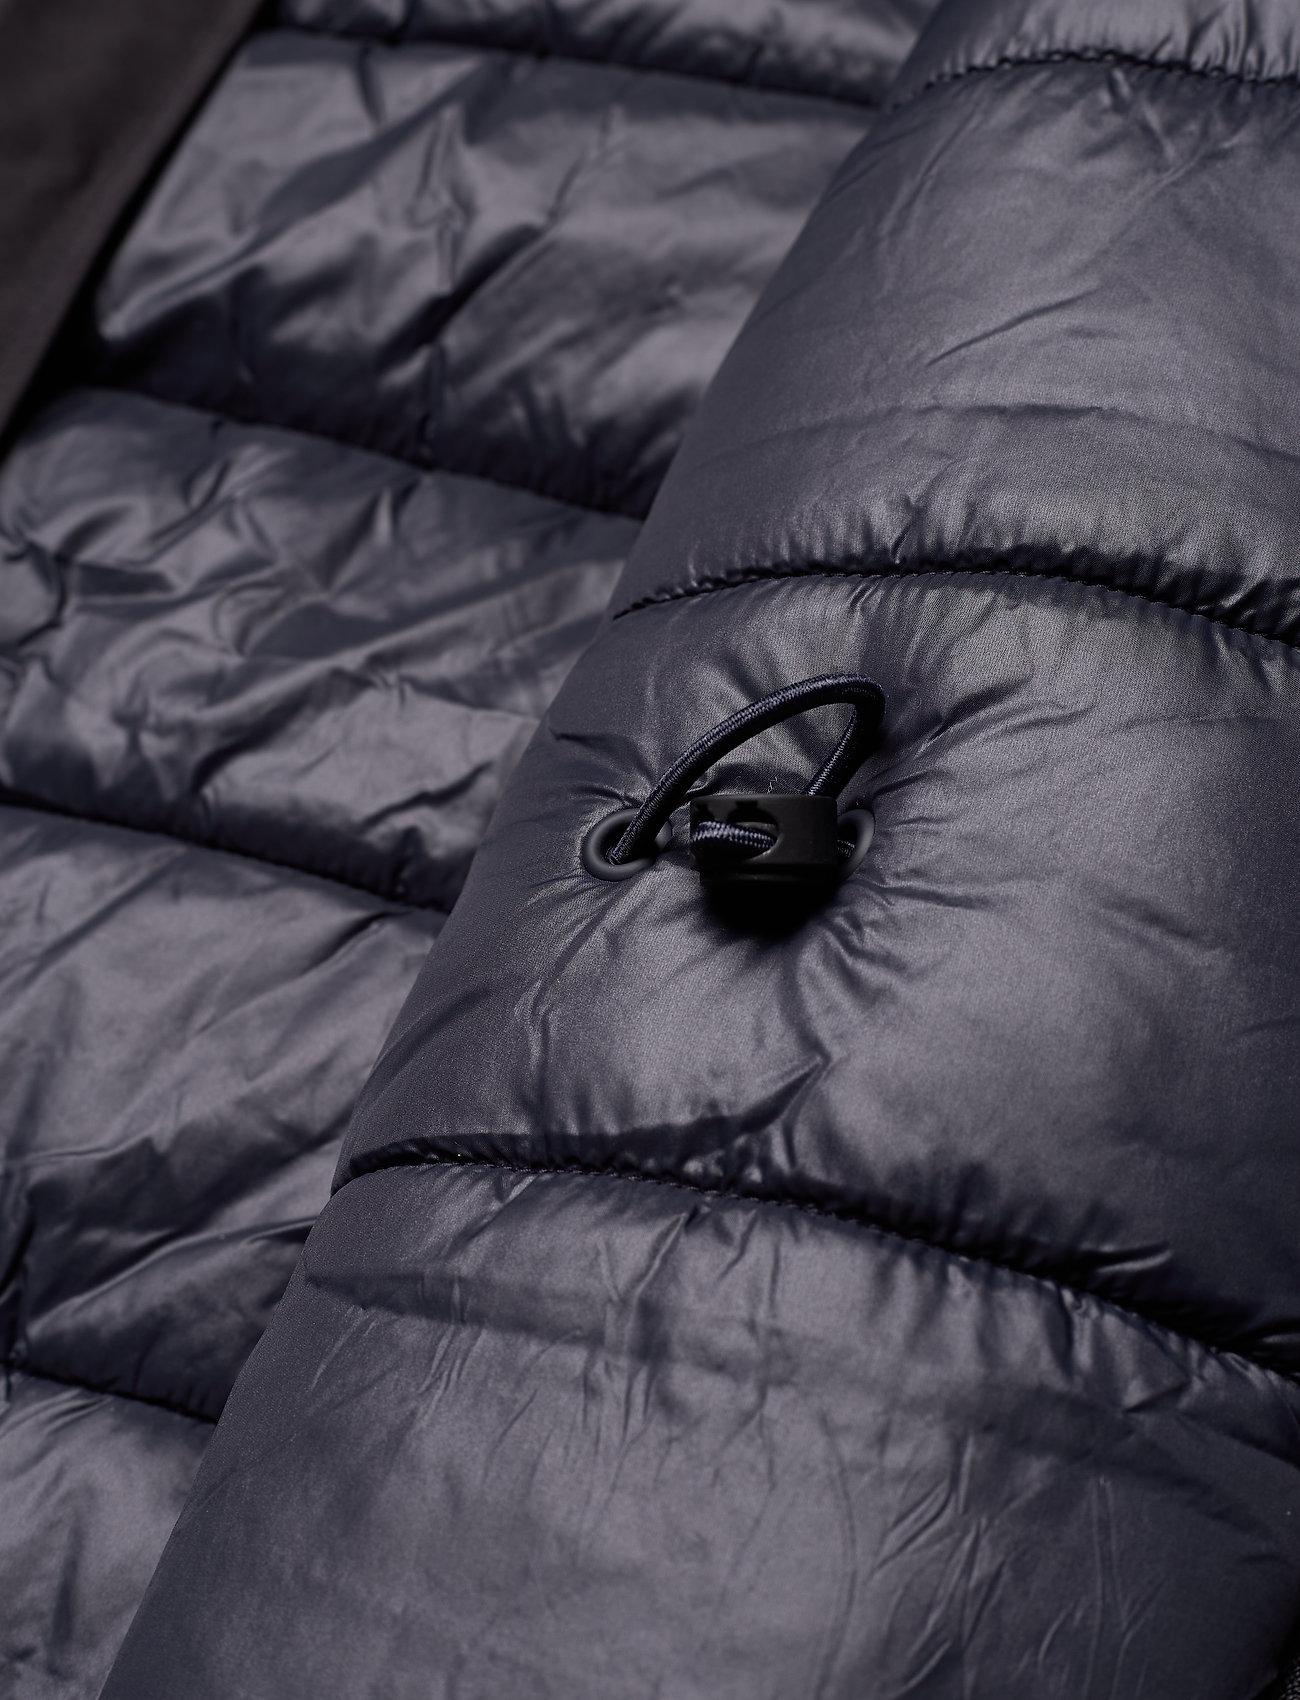 Superdry Everest Parka - Jakker og frakker BLACK - Menn Klær